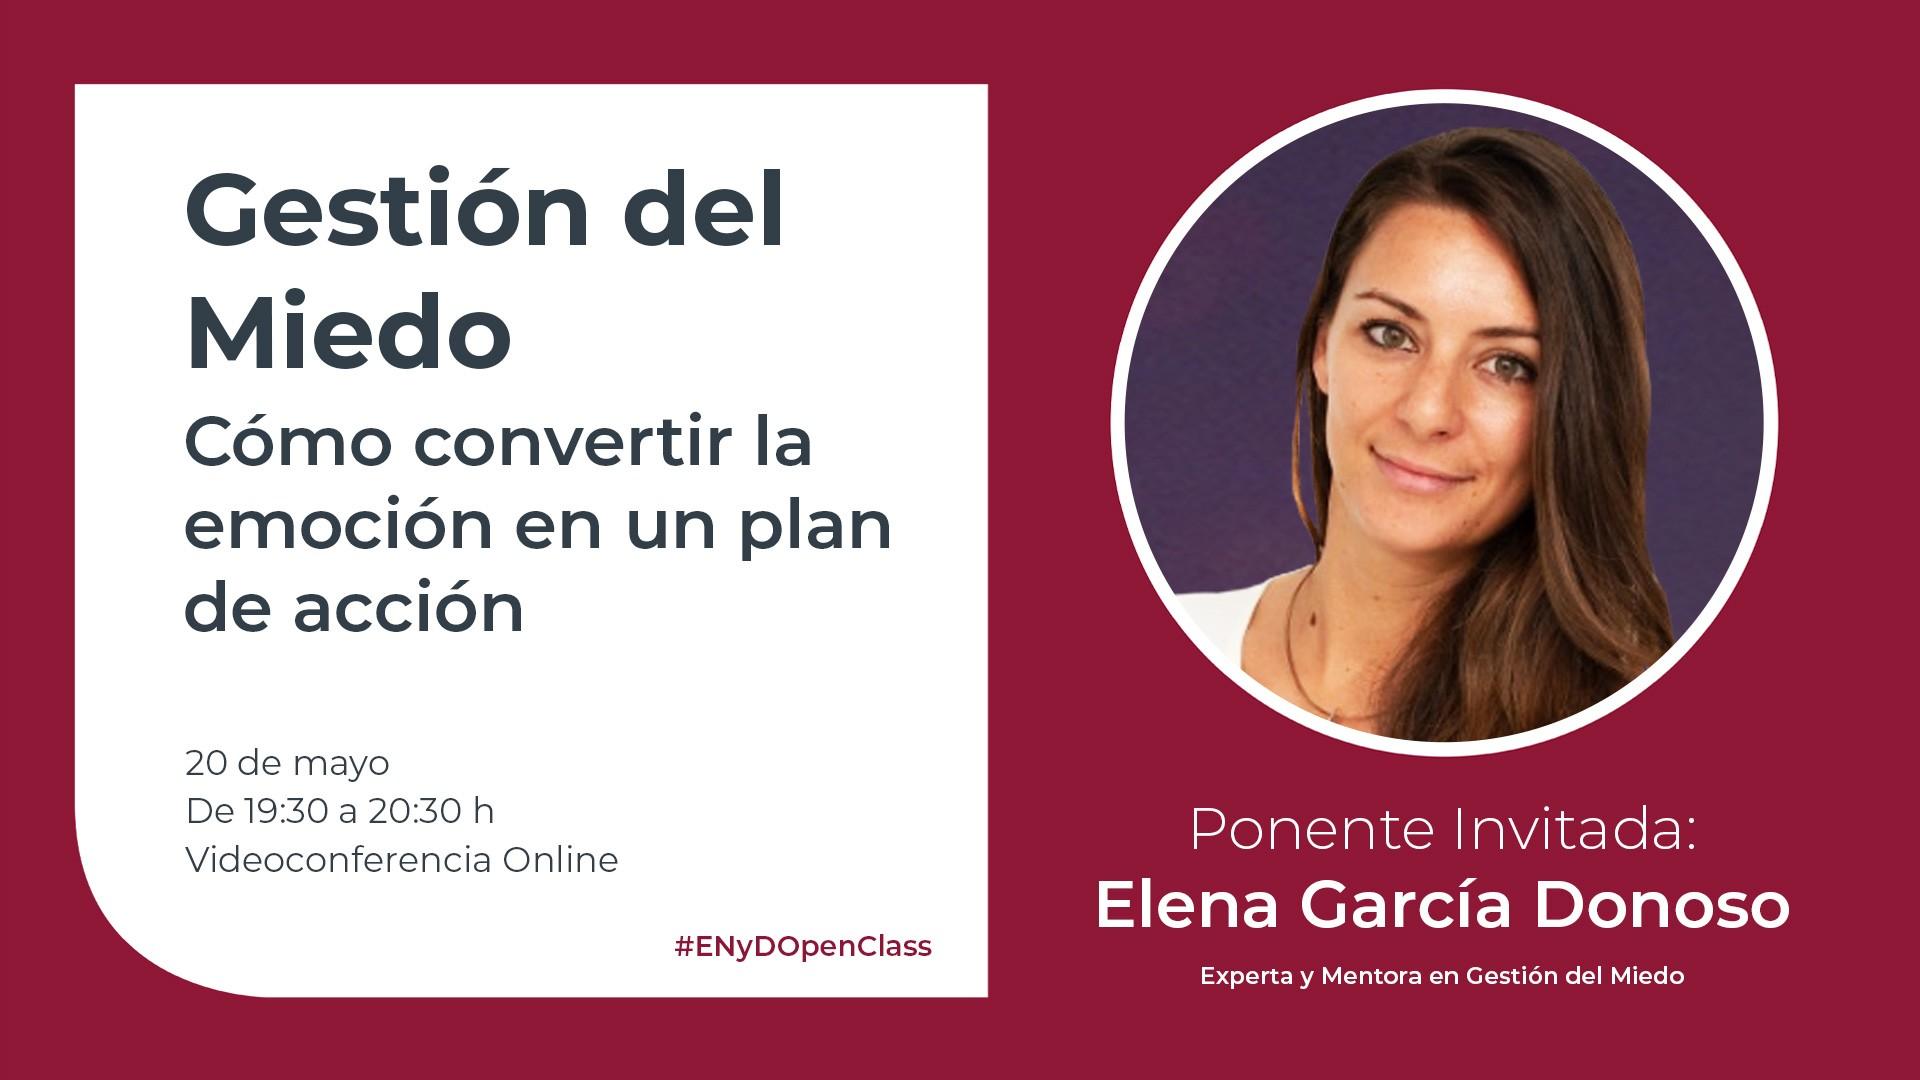 OpenClass Gestión del Miedo Elena García